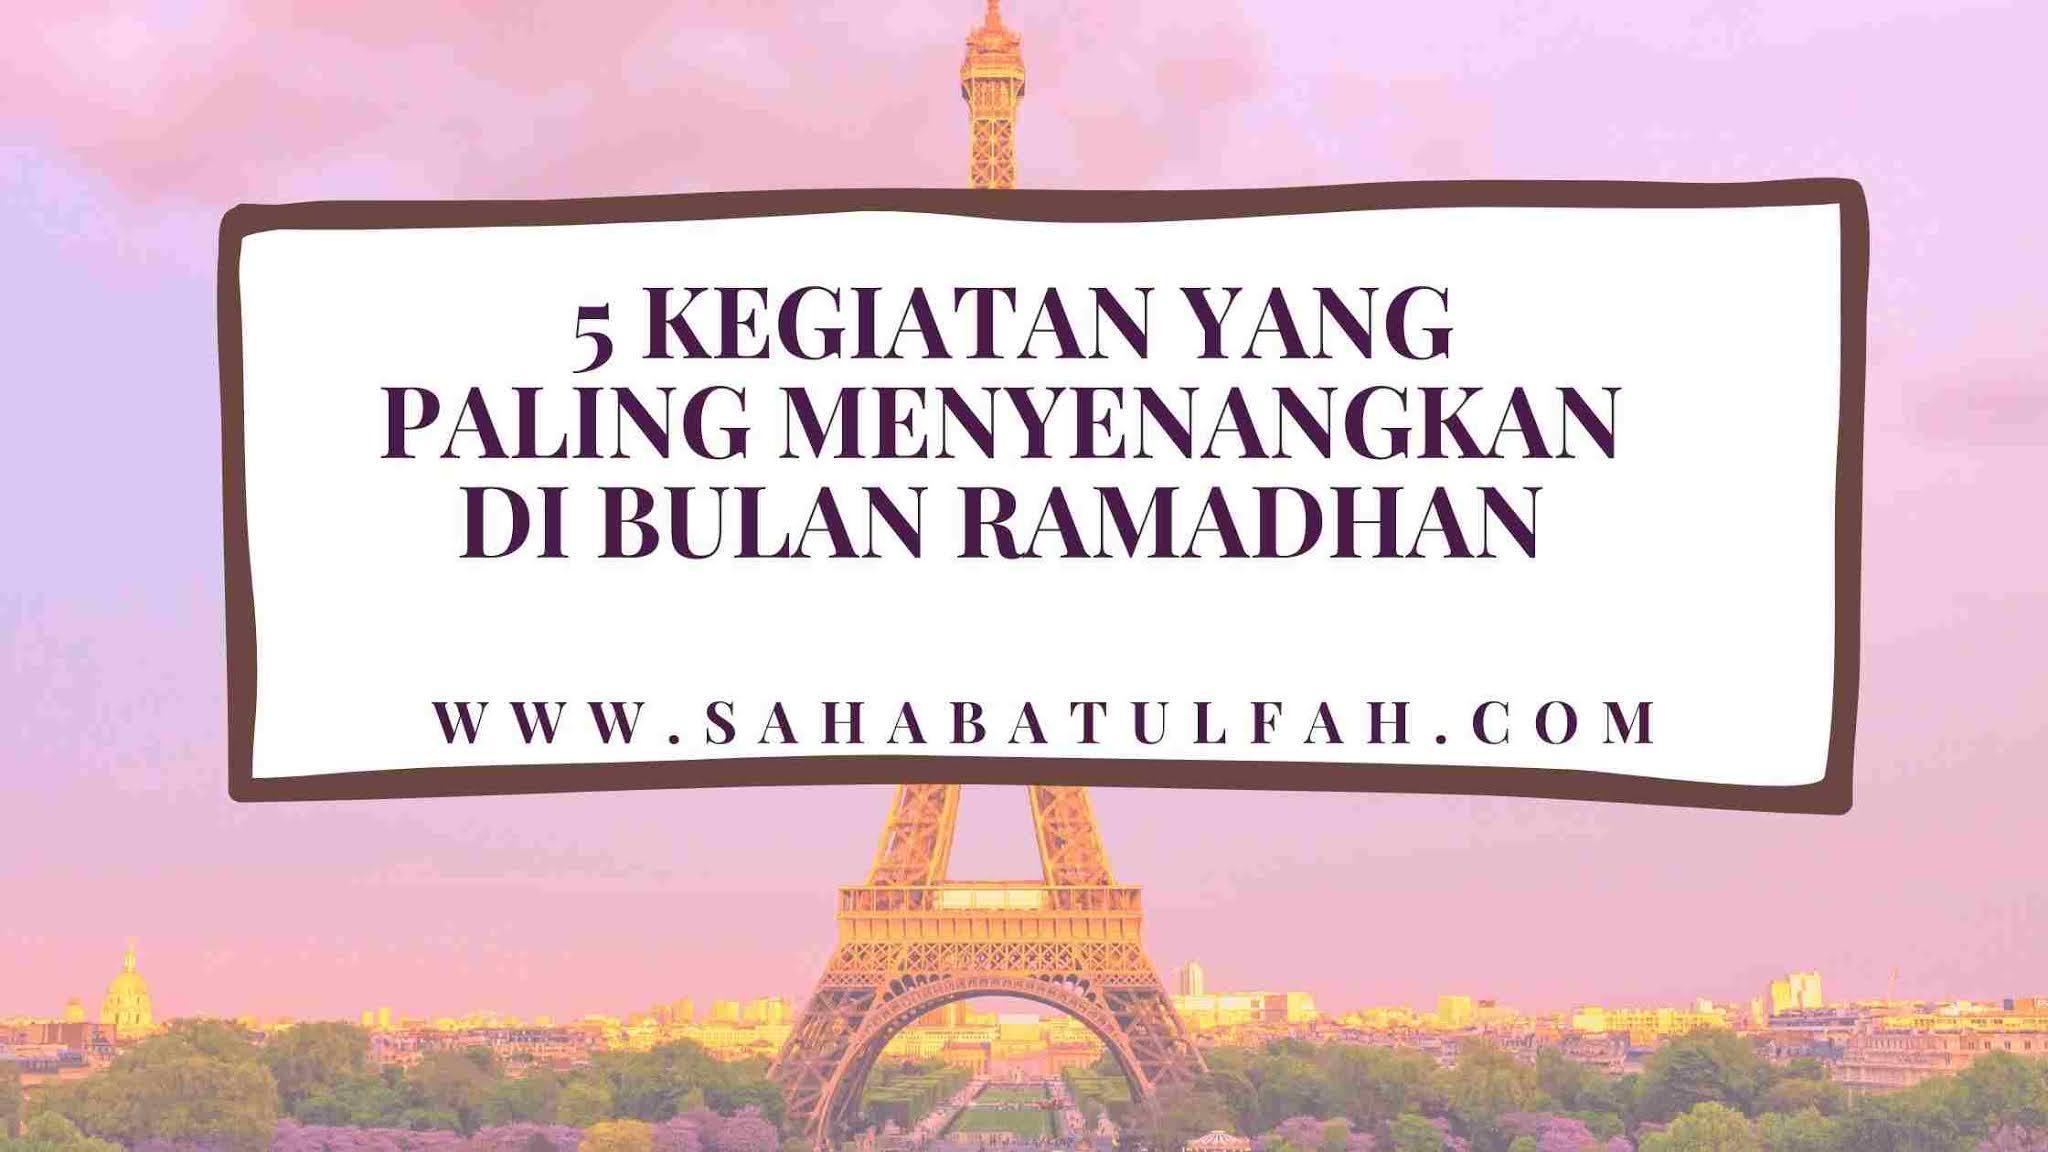 5-Kegiatan-yang-Paling-Menyenangkan-di Bulan-Ramadhan